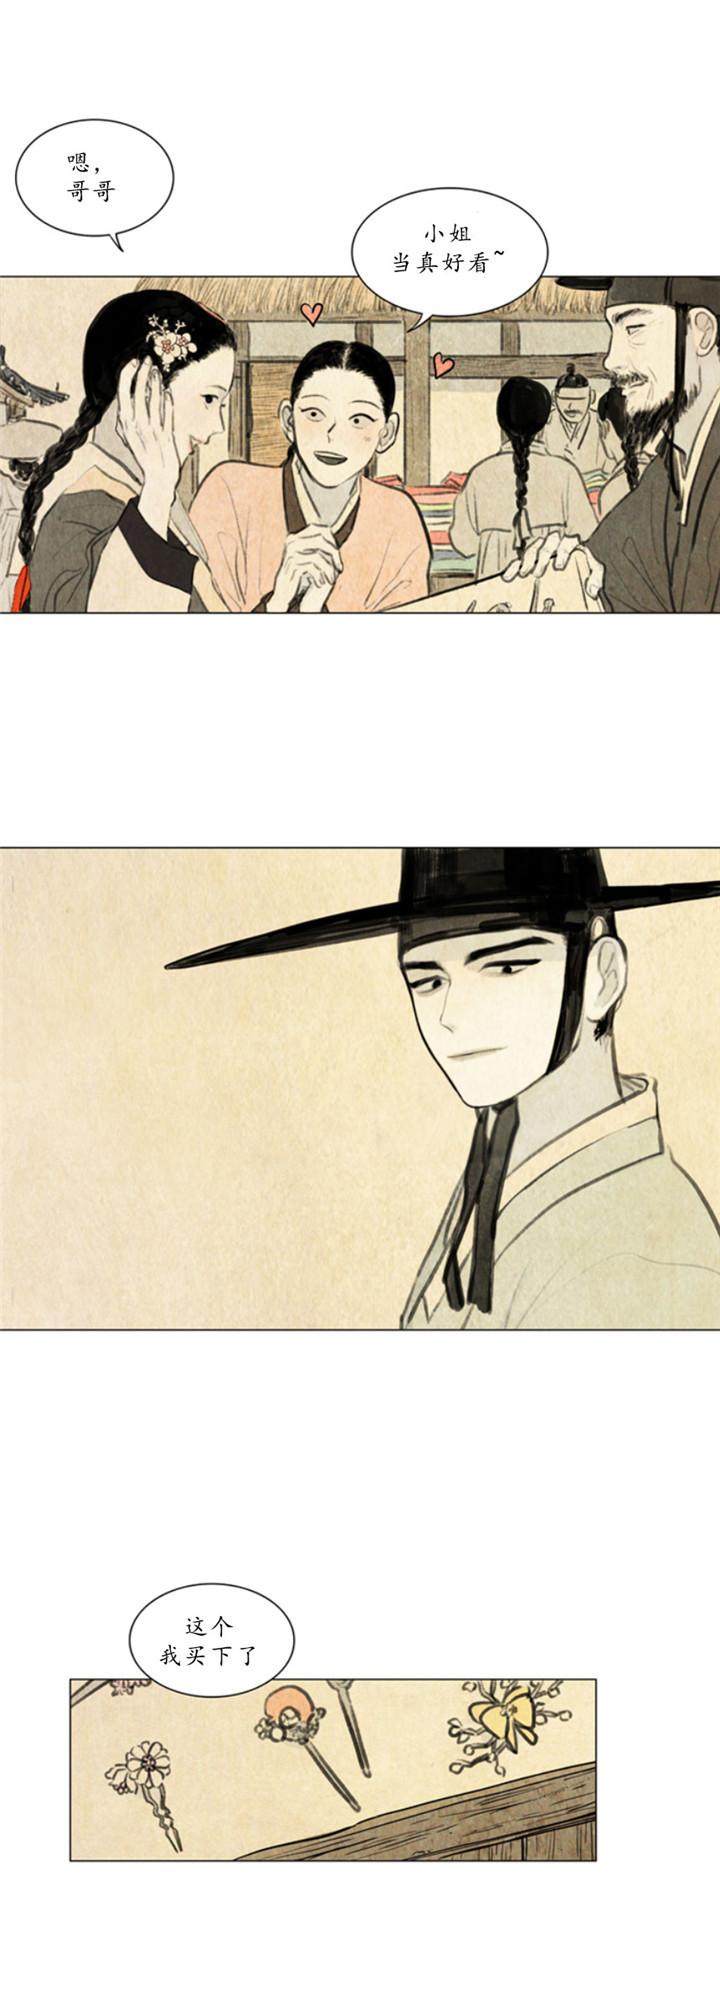 鬼胎-漫画下拉式在线阅读_最新连载更新至139话-啵乐漫画